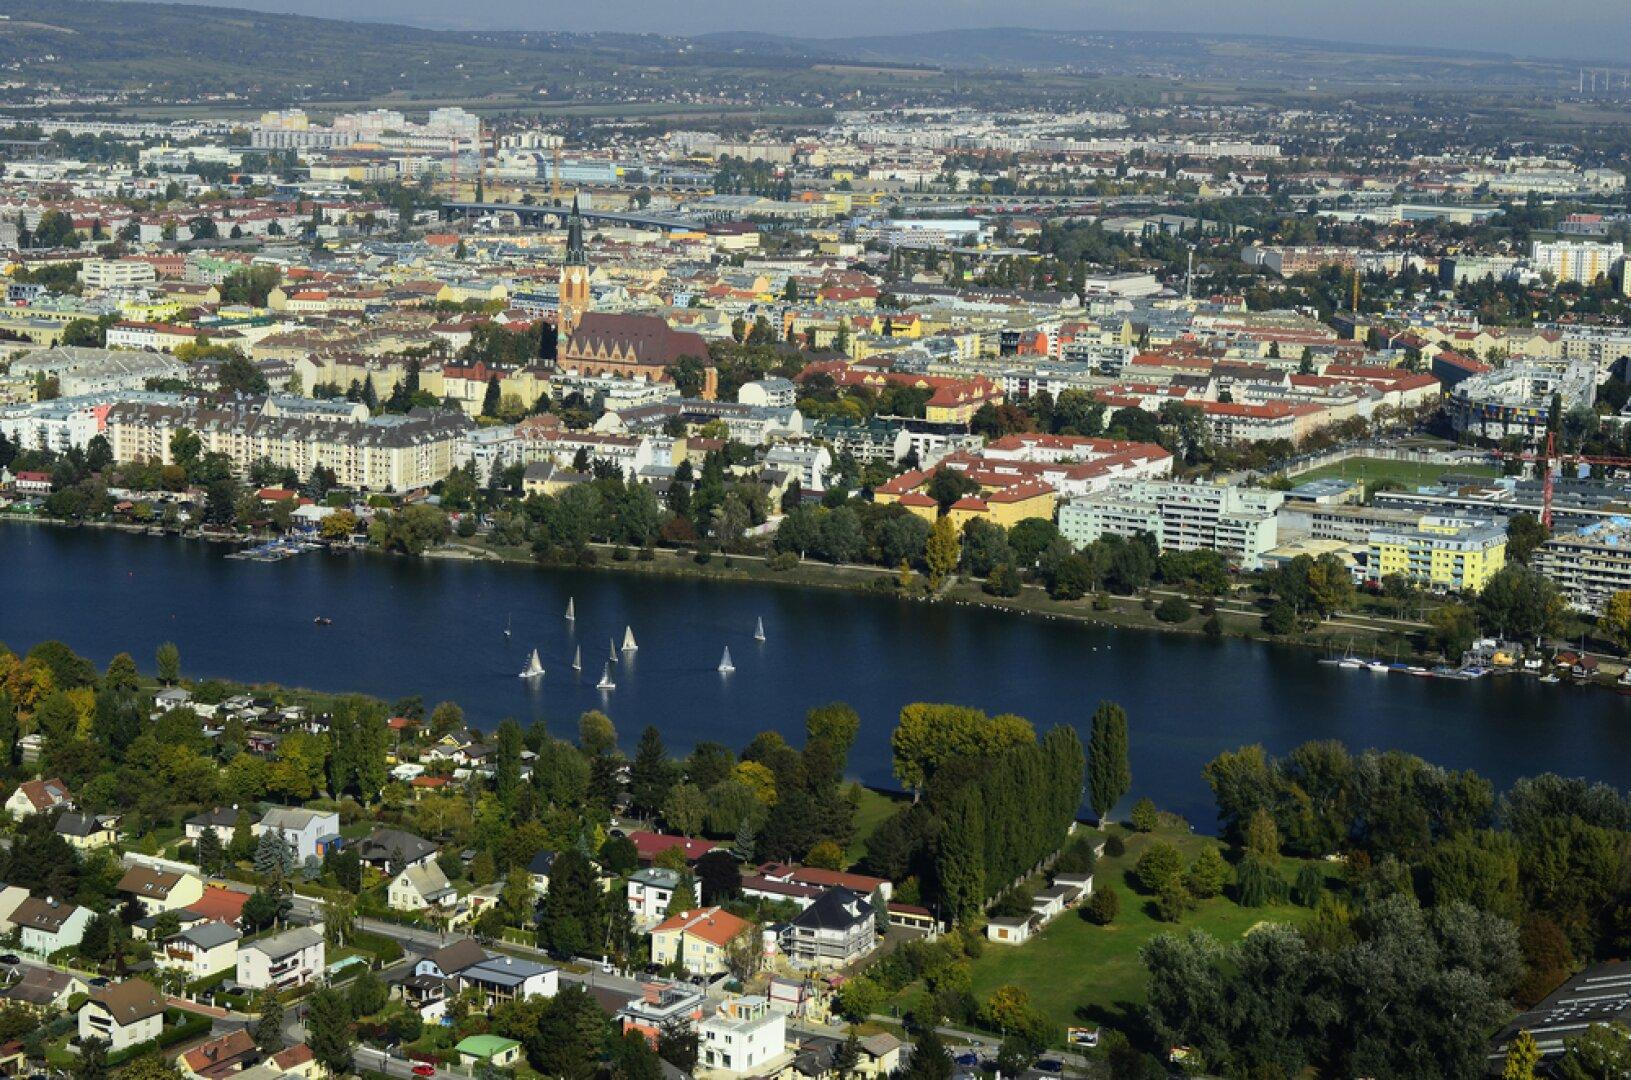 SENSATIONELLES Wohn- und Investitionsprojekt in LEOPOLDAU (Projektansicht)